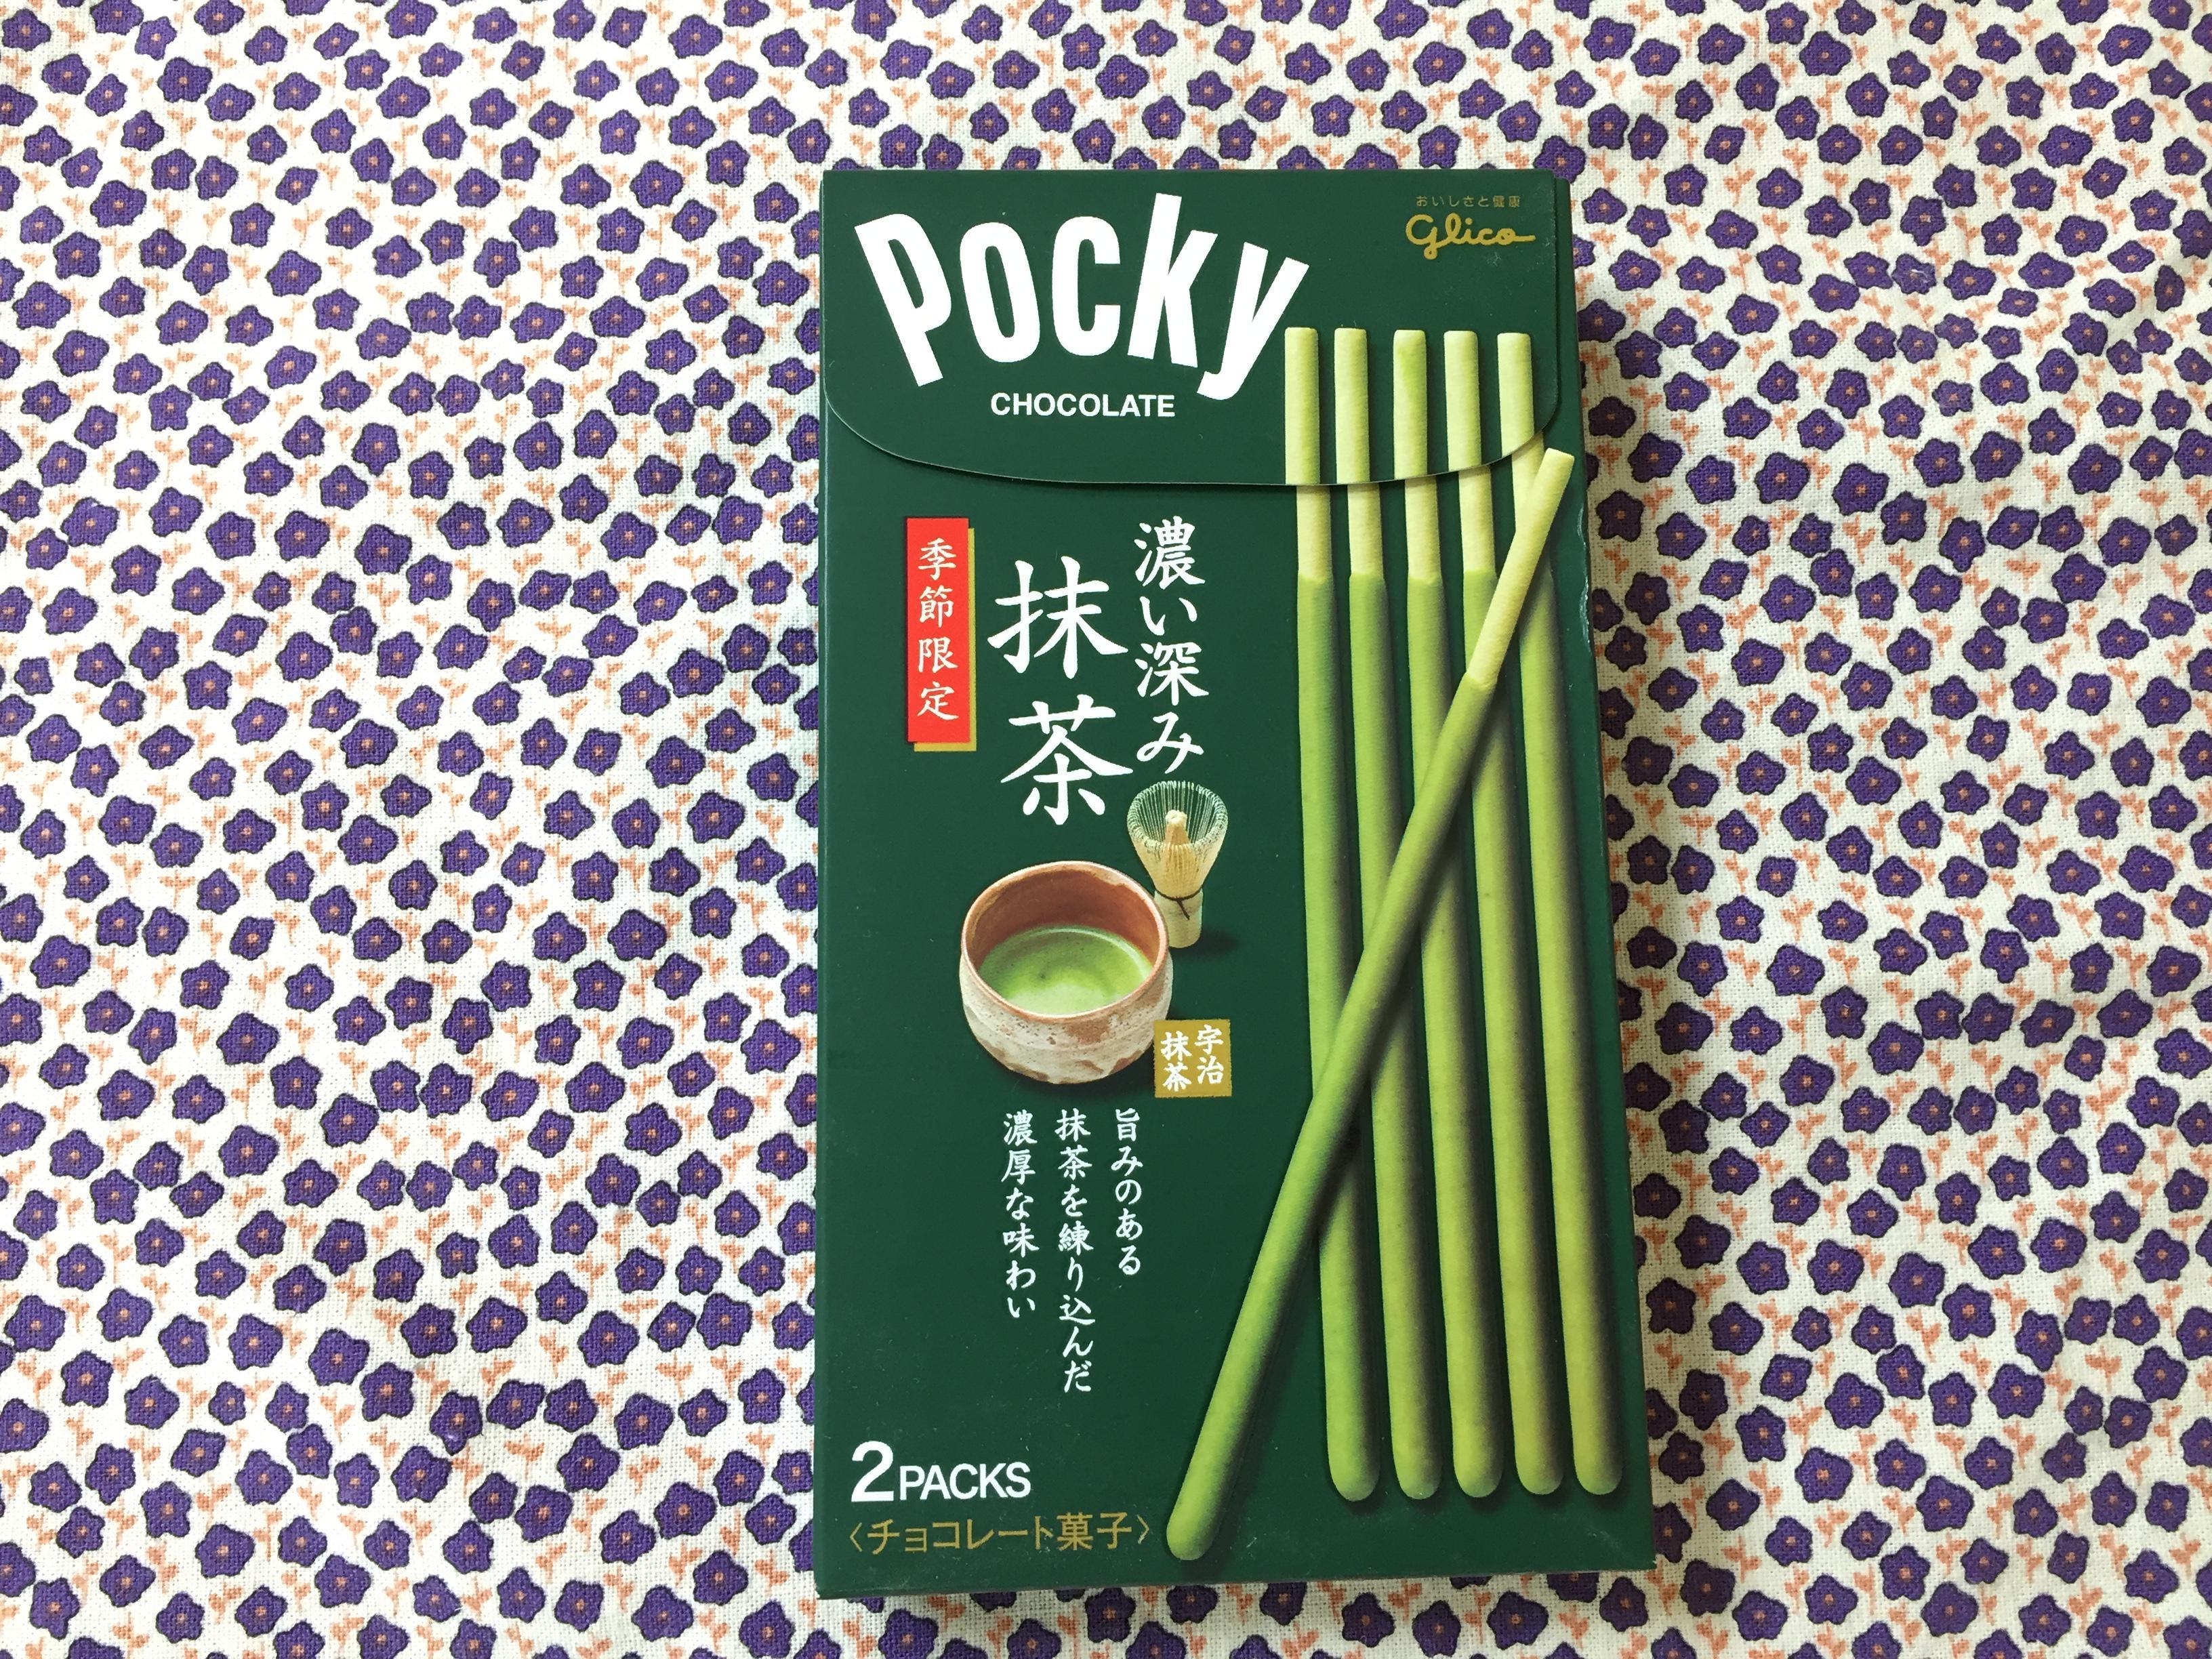 녹차의 진한 맛, [glico]Pocky 濃い深み抹茶..